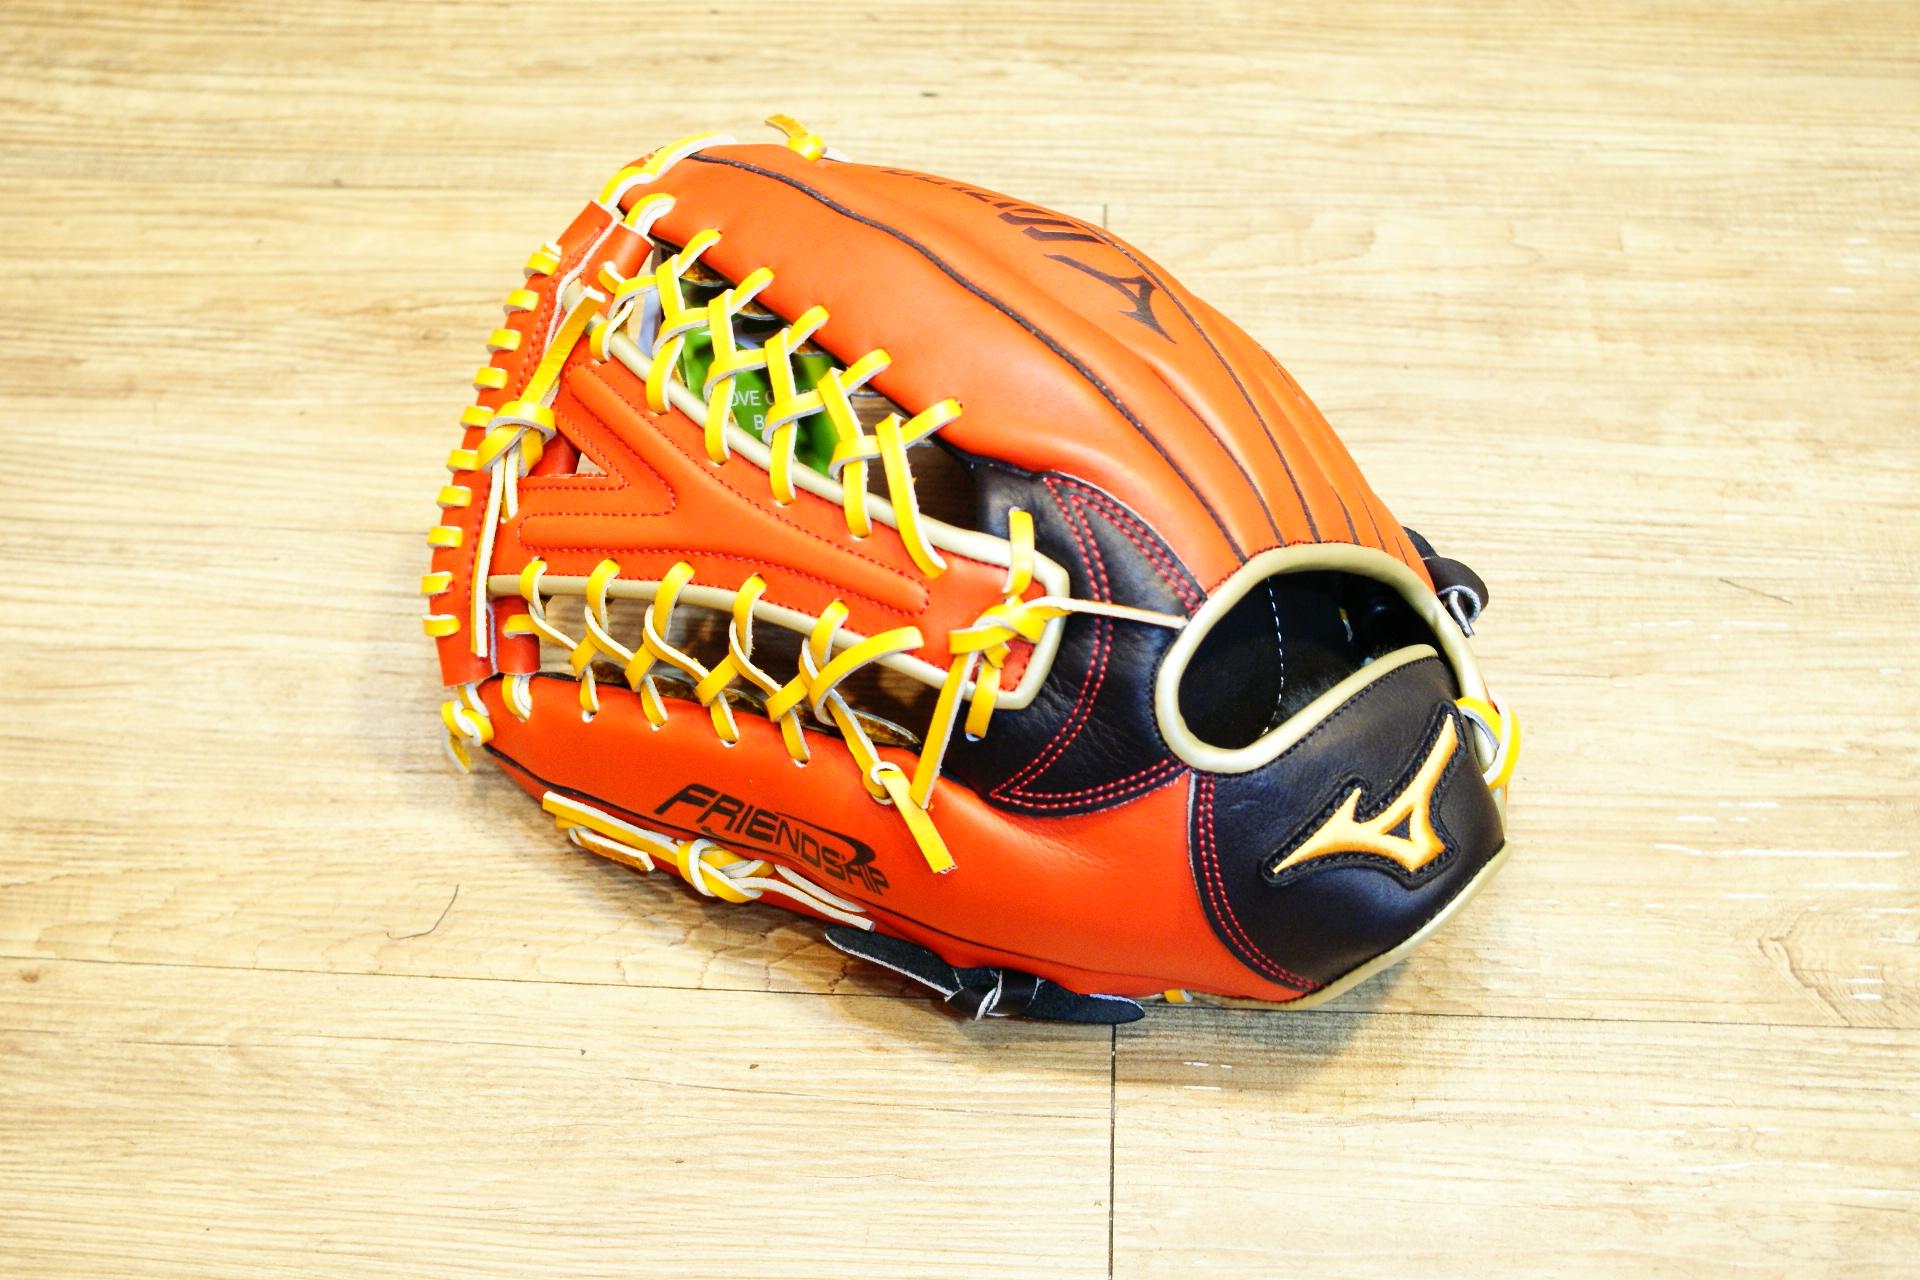 棒球世界 Mizuno 美津濃 FRIEND SHIP 壘球手套 1ATGS50860 特價黑橘配色Y網檔 反手